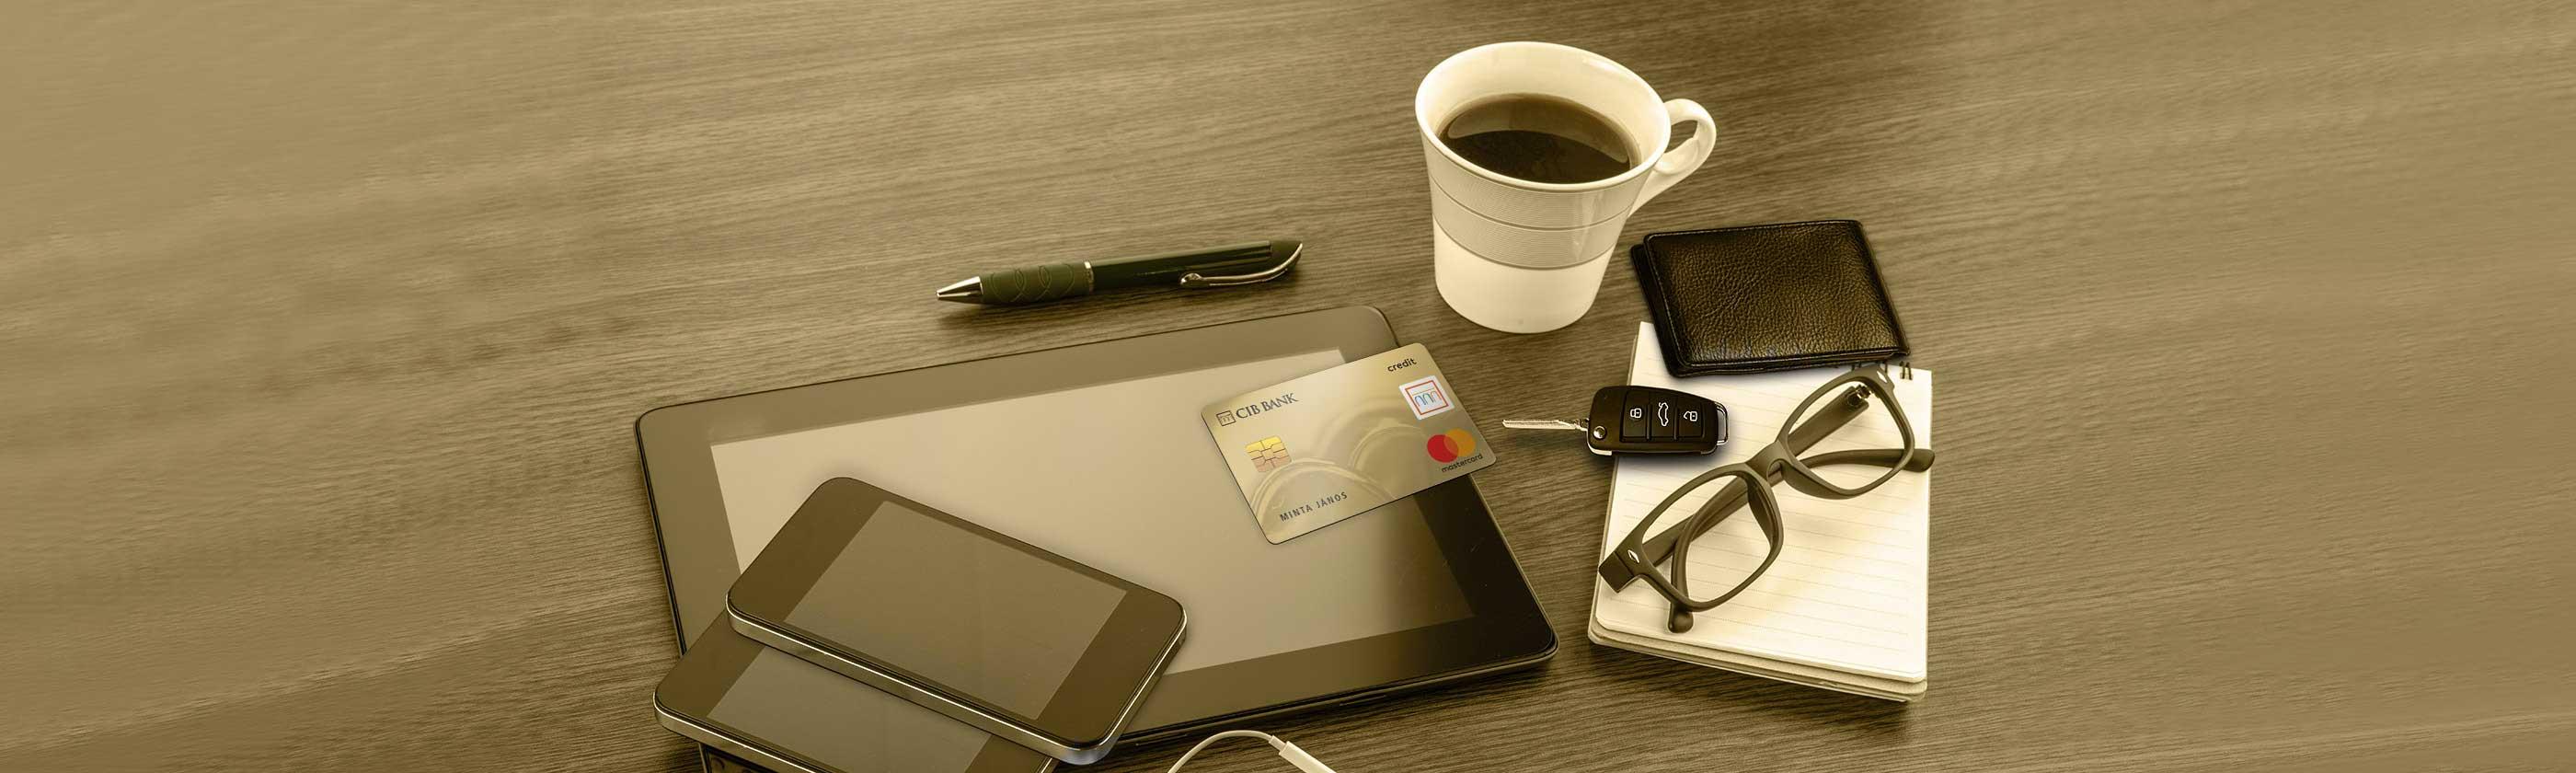 CIB Mastercard Gold Credit Card